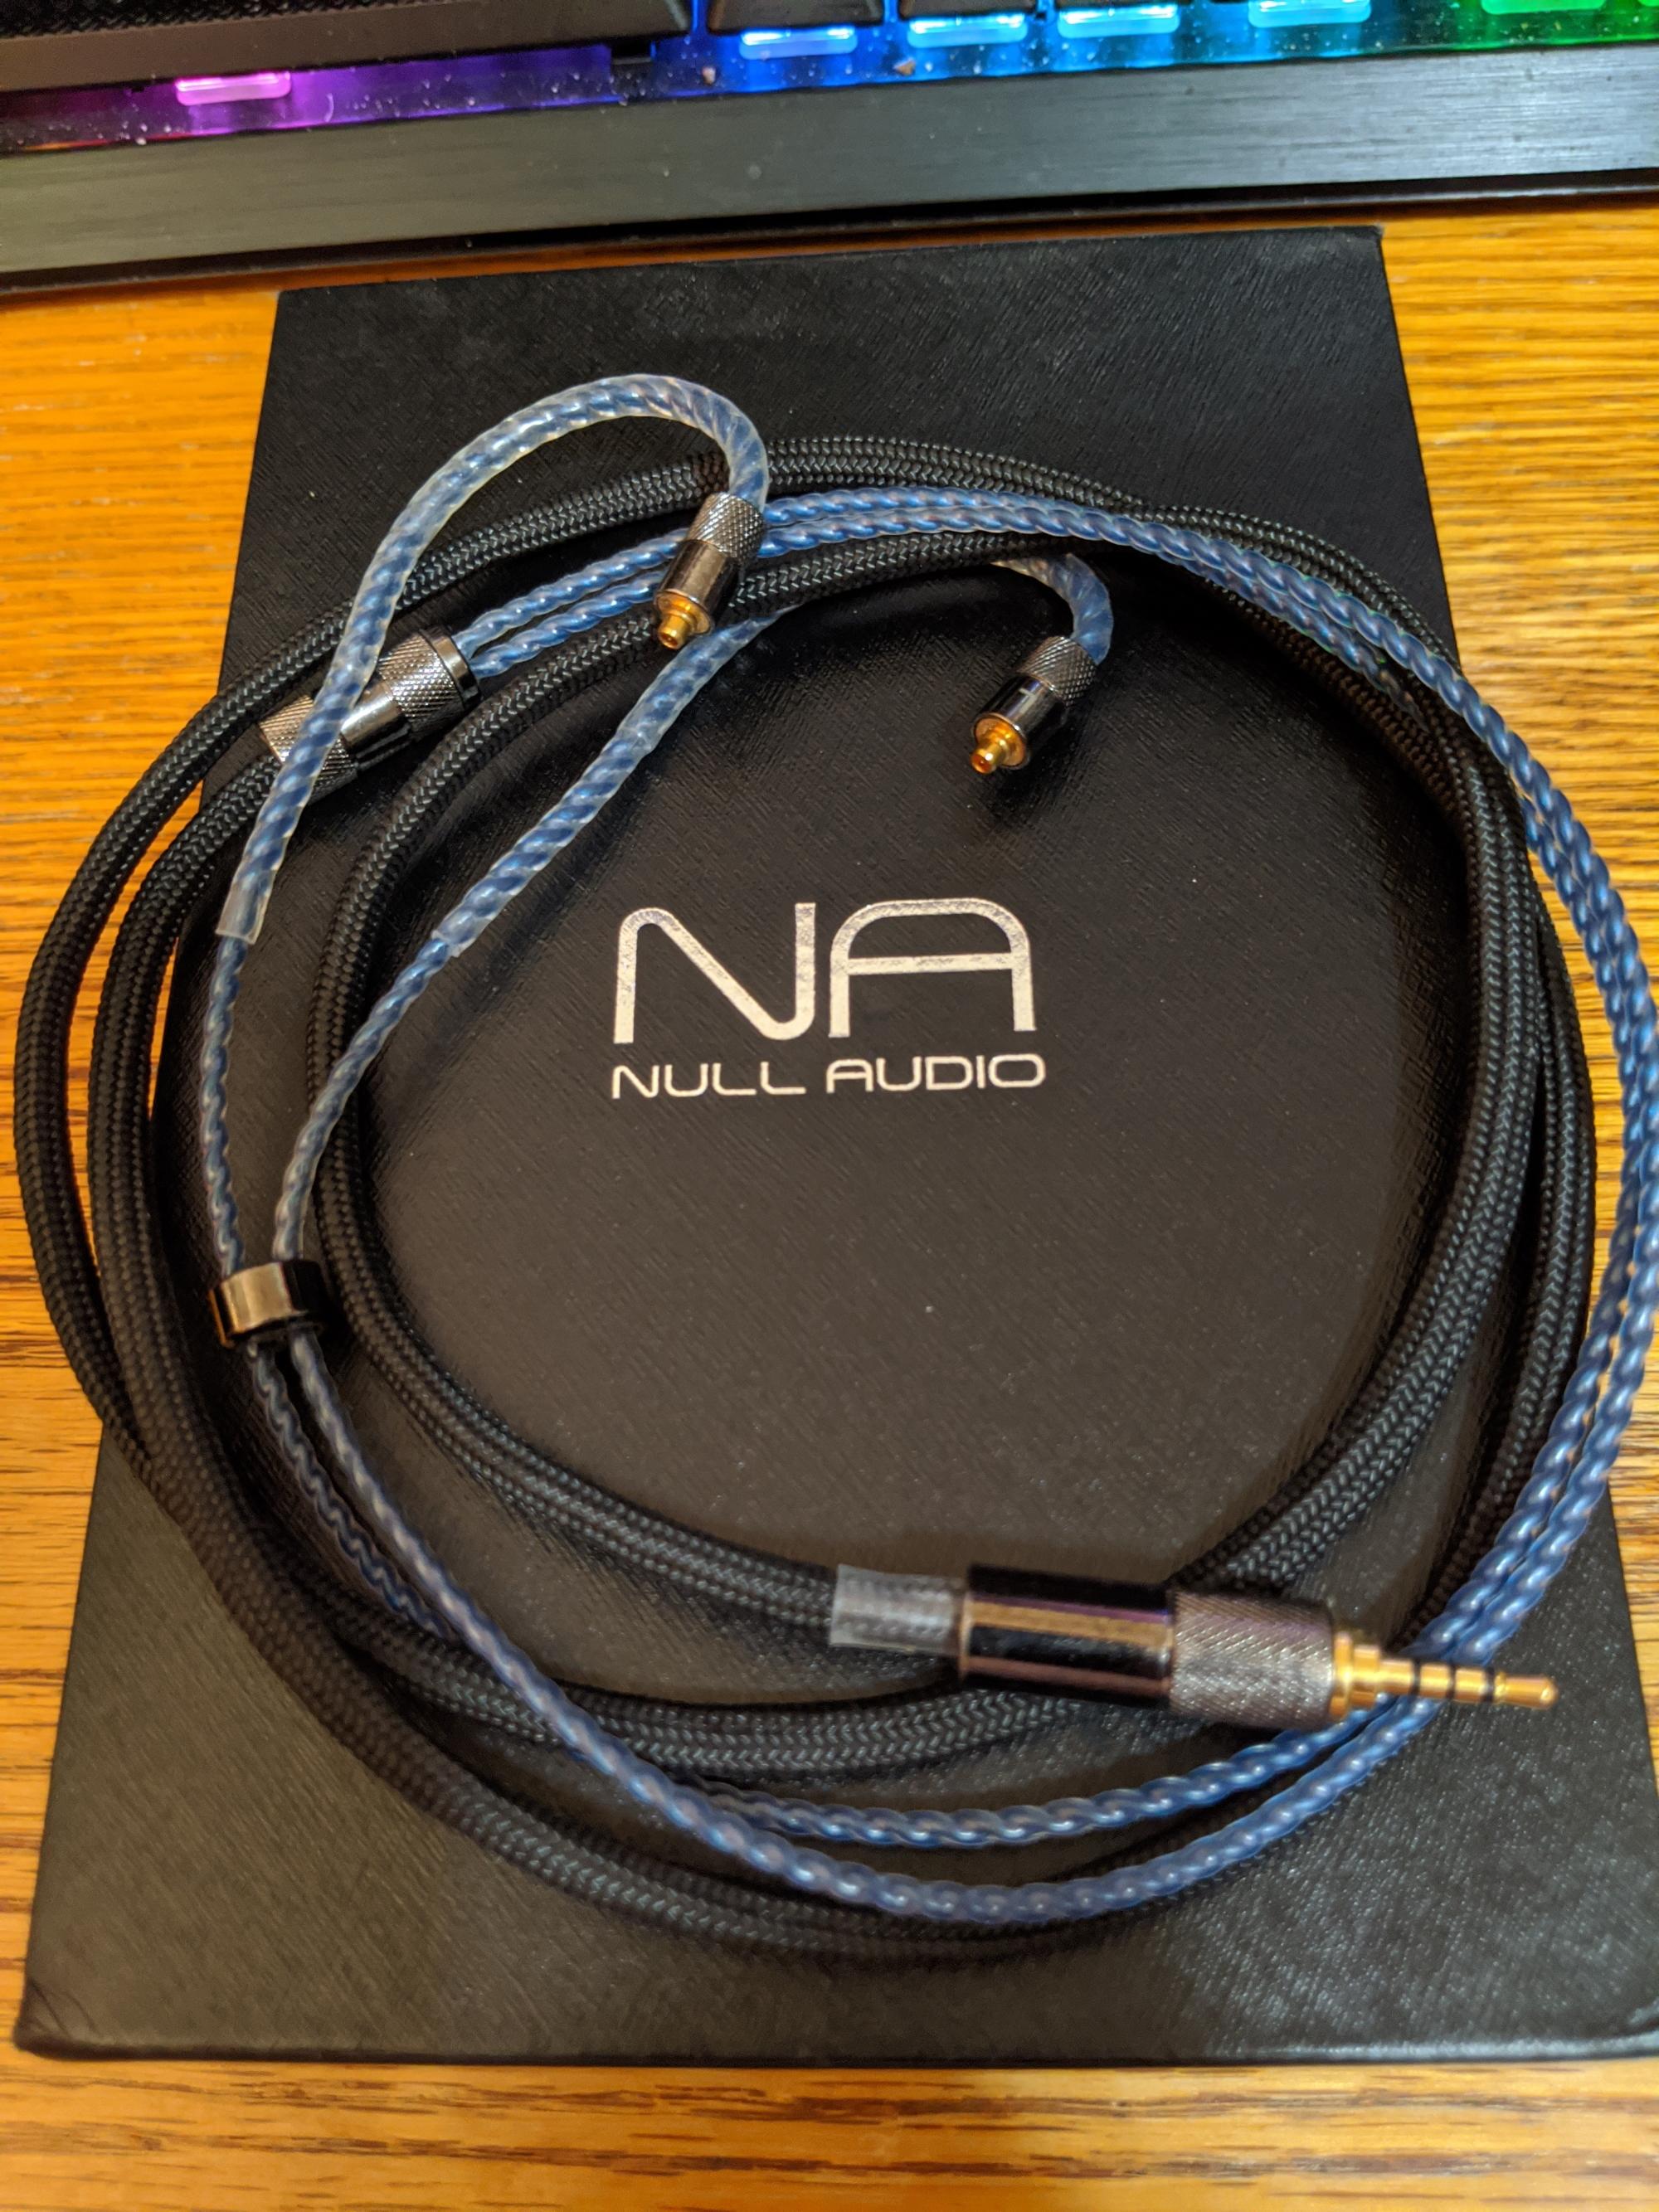 Null Audio.jpg